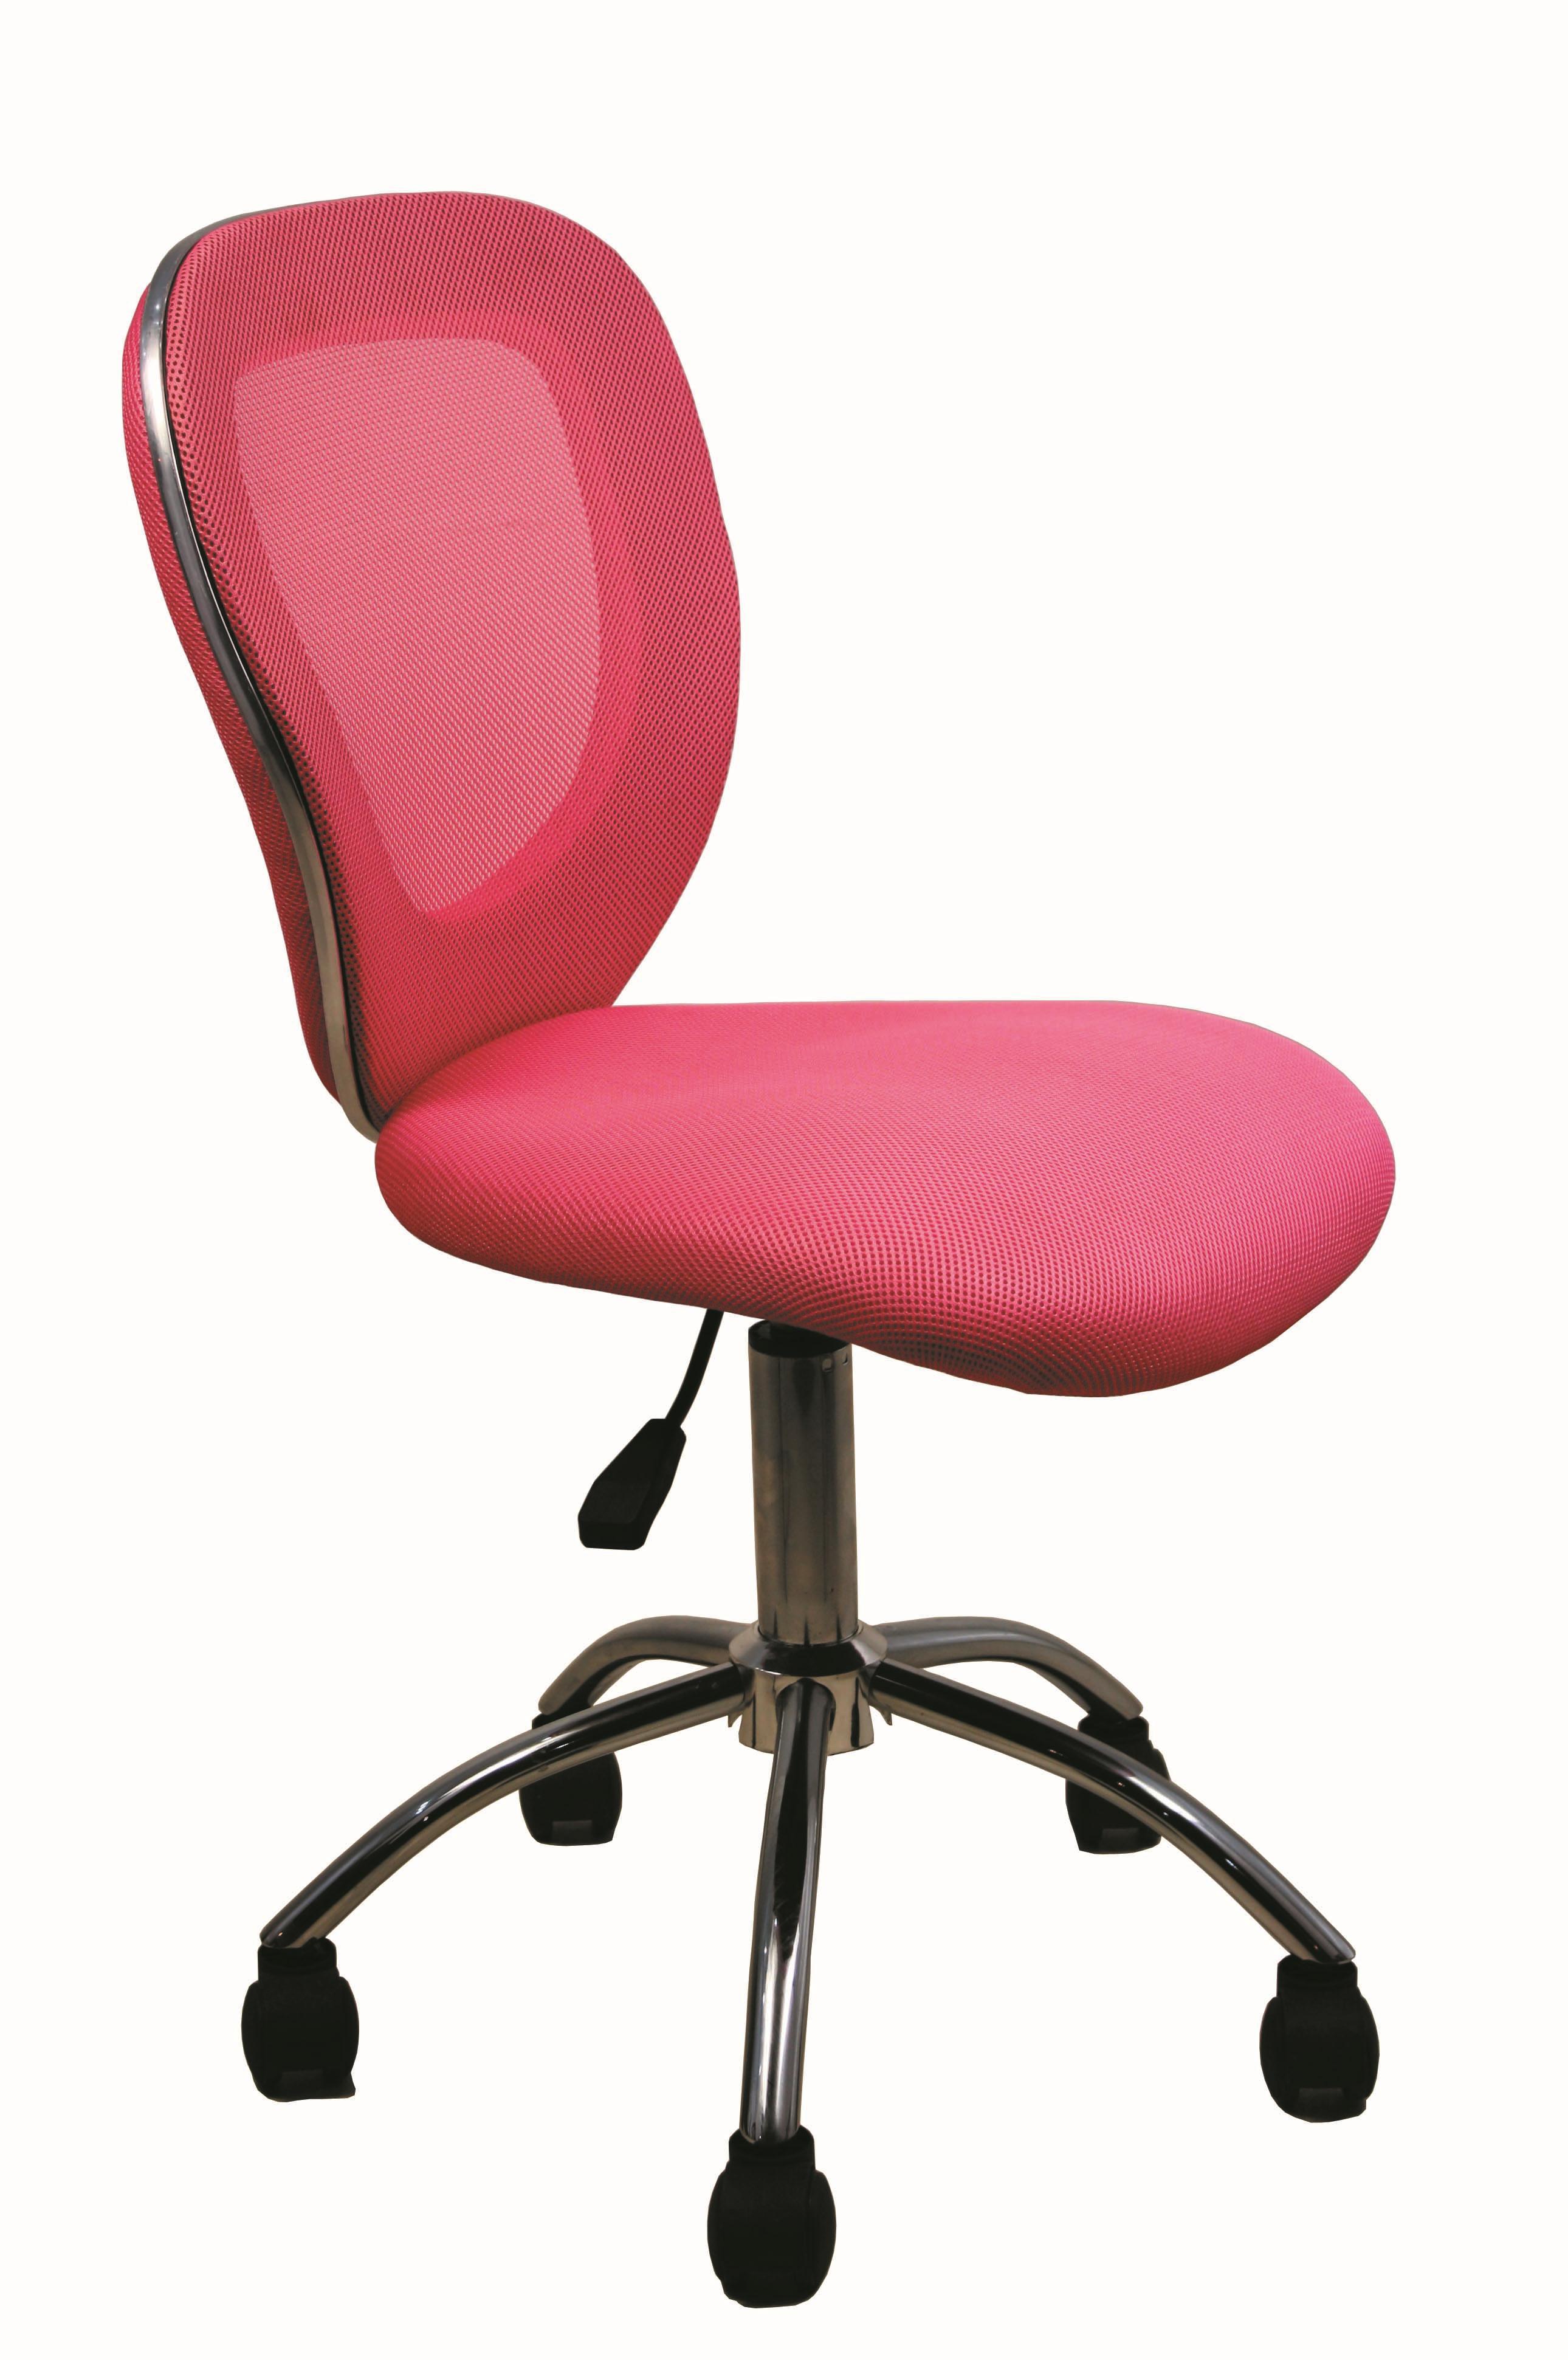 Merveilleux Pink Kids Desk Chair